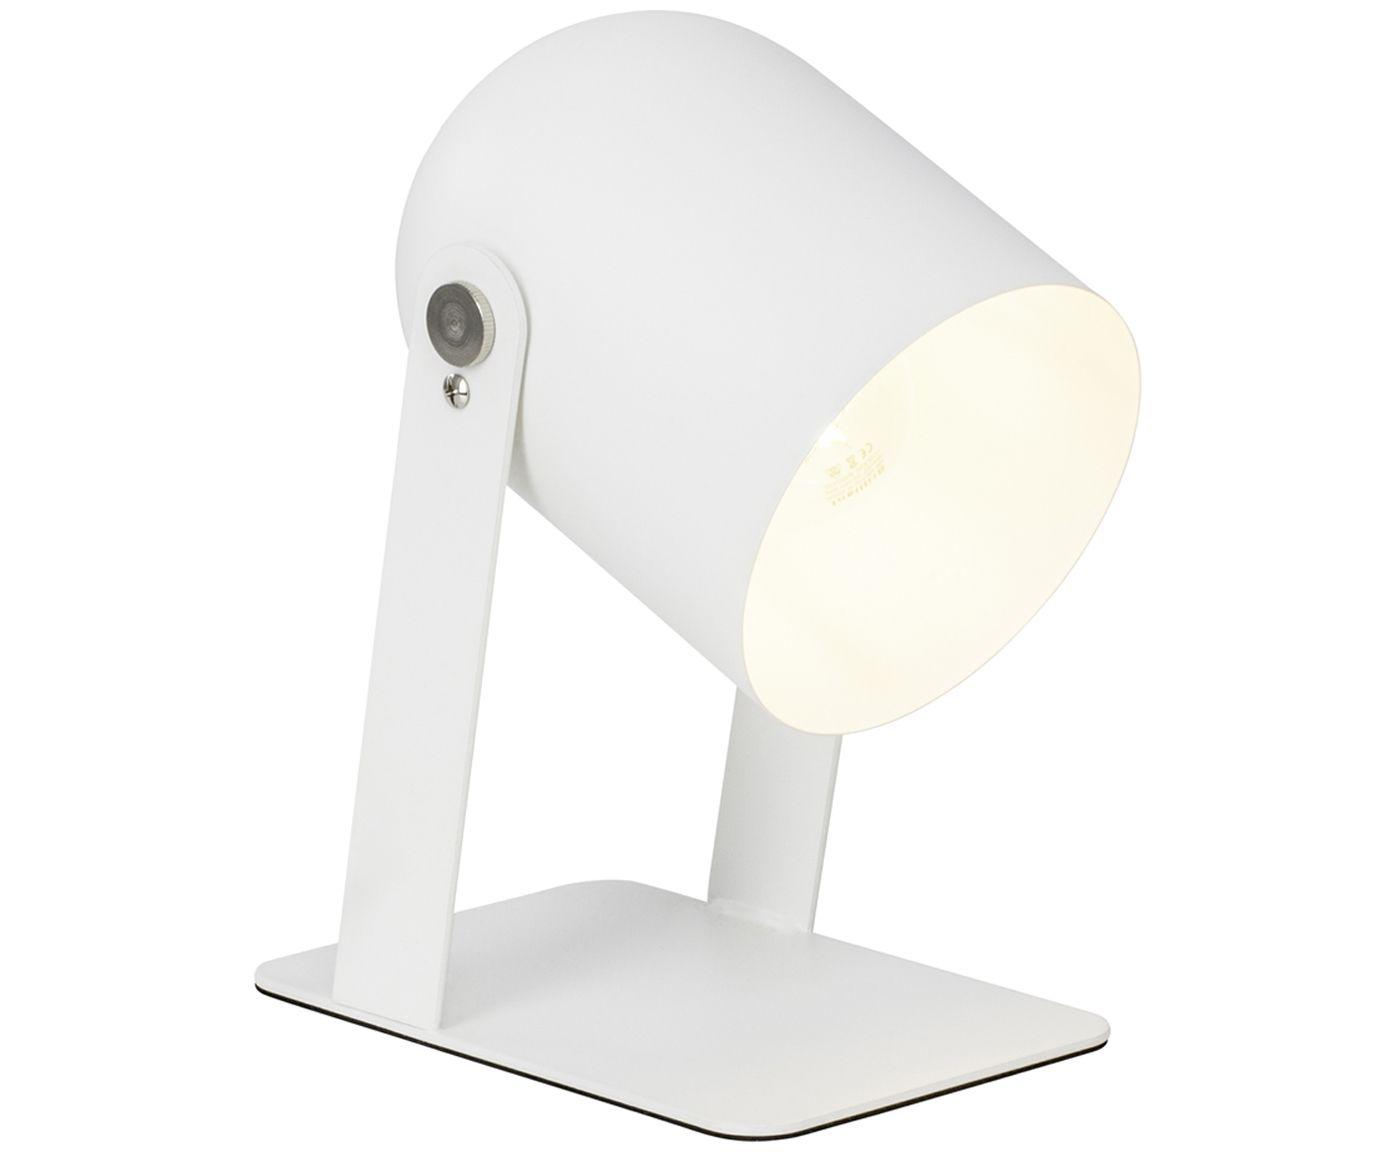 Atemberaubend Strikingly Inpiration Outdoor Lampen Bilder - Die ...